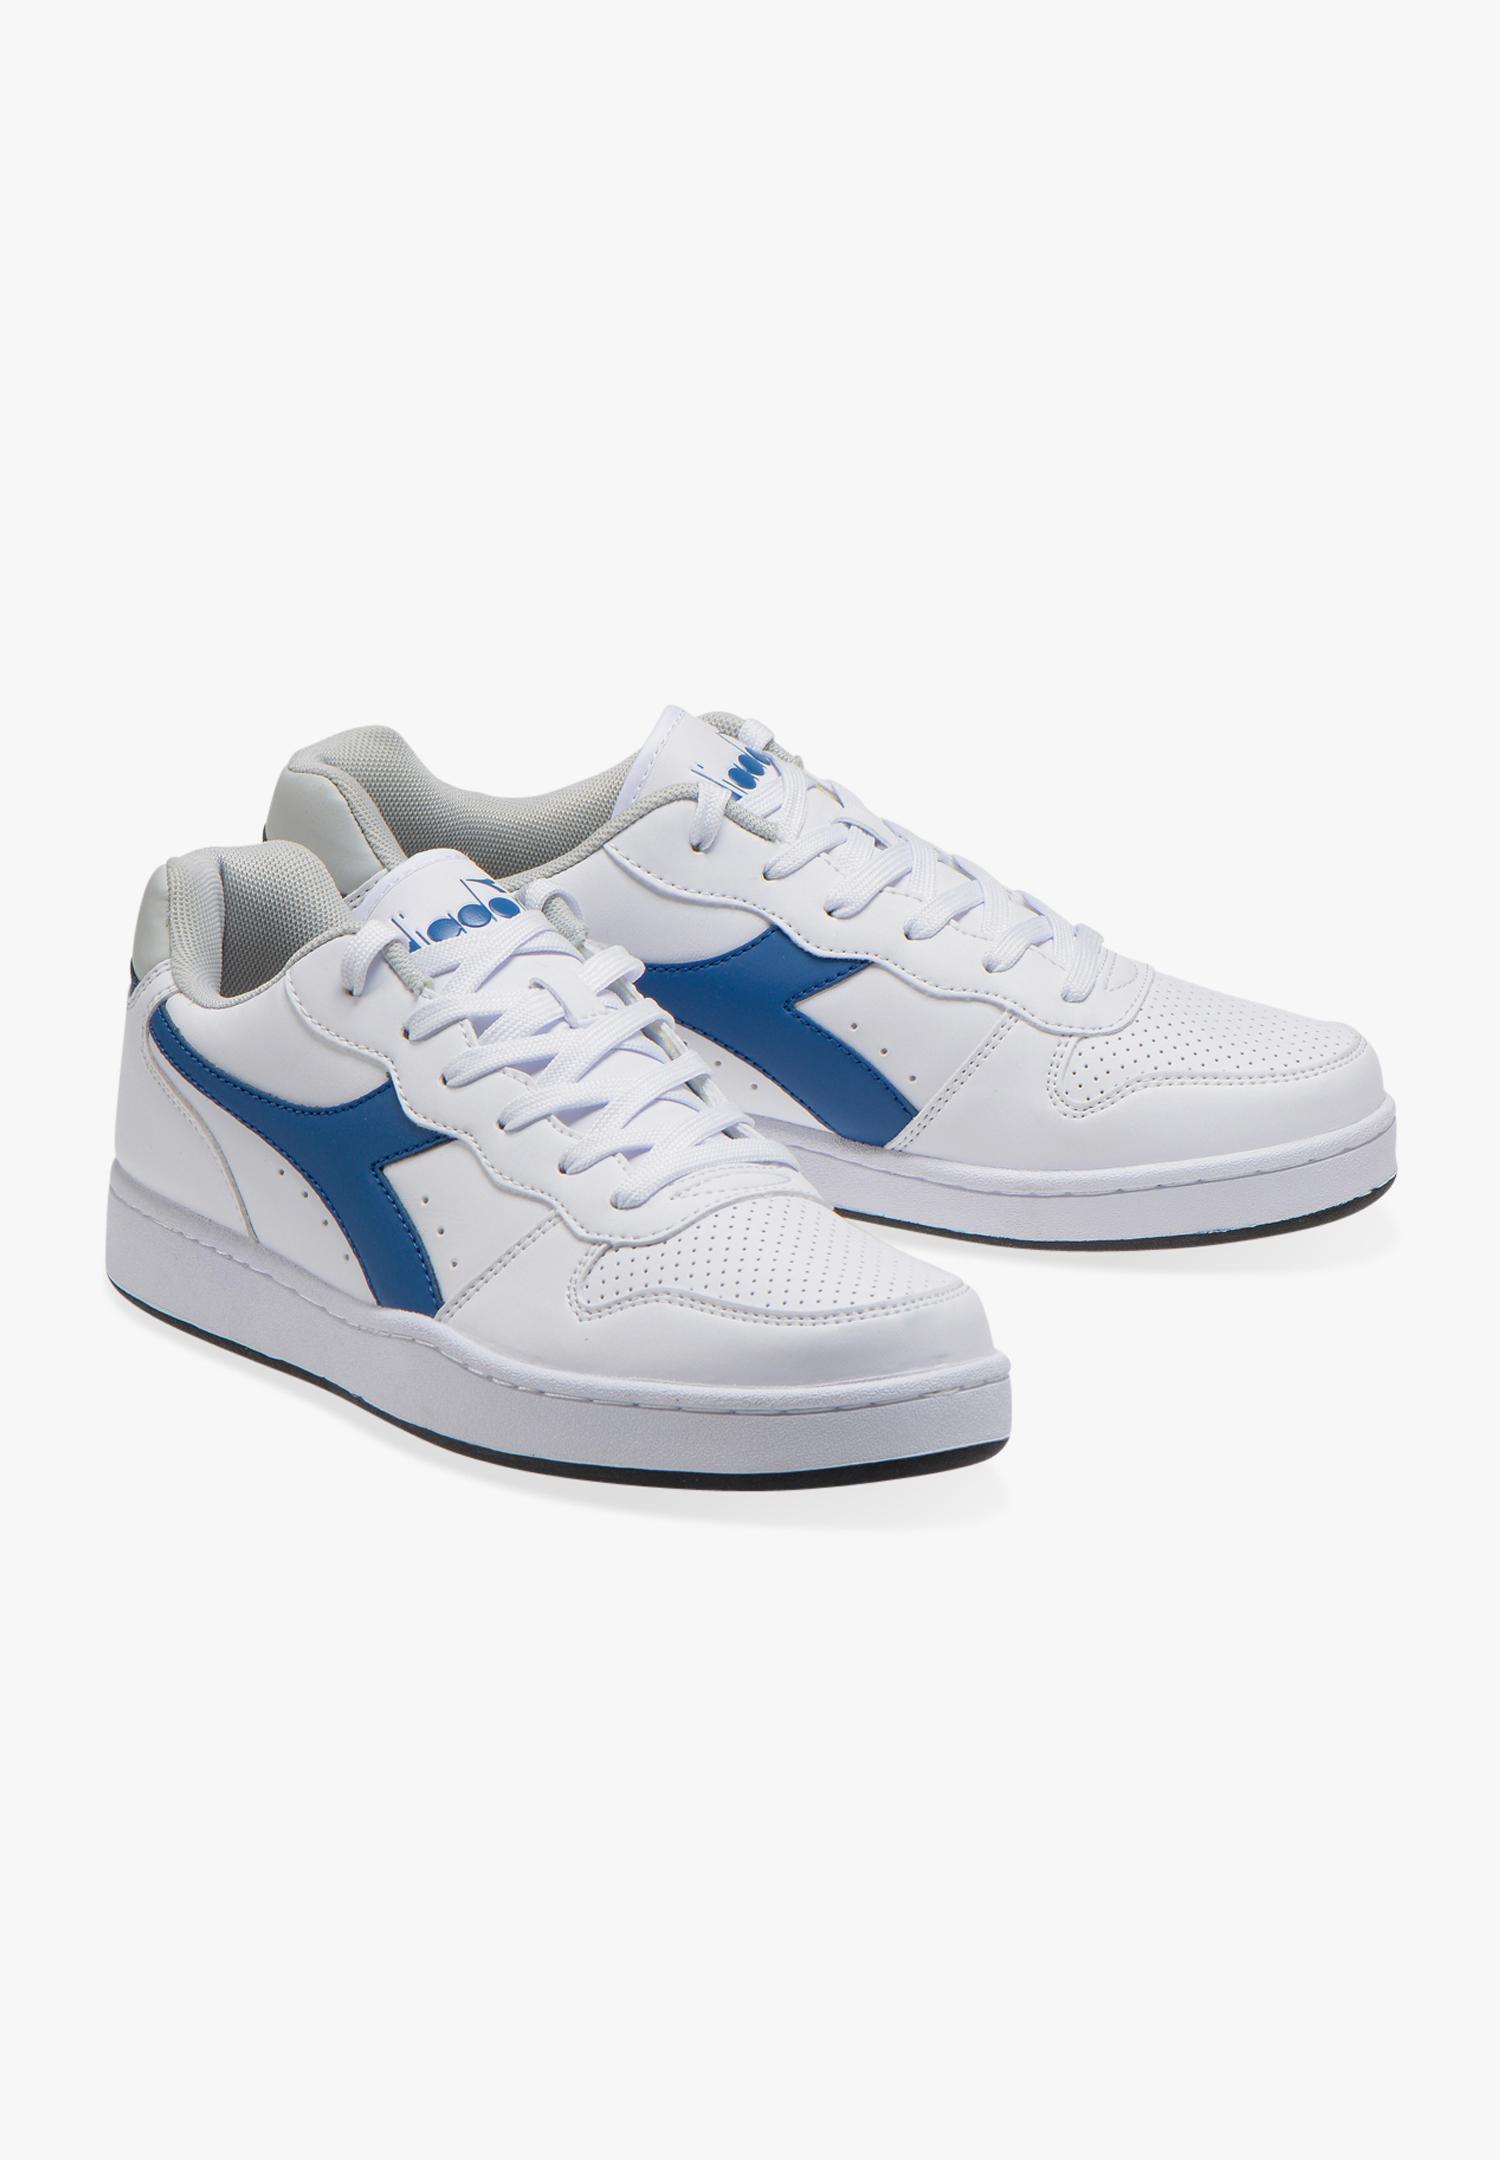 Scarpe-Diadora-Playground-Sneakers-sportive-uomo-donna-vari-colori-piu-taglie miniatura 66